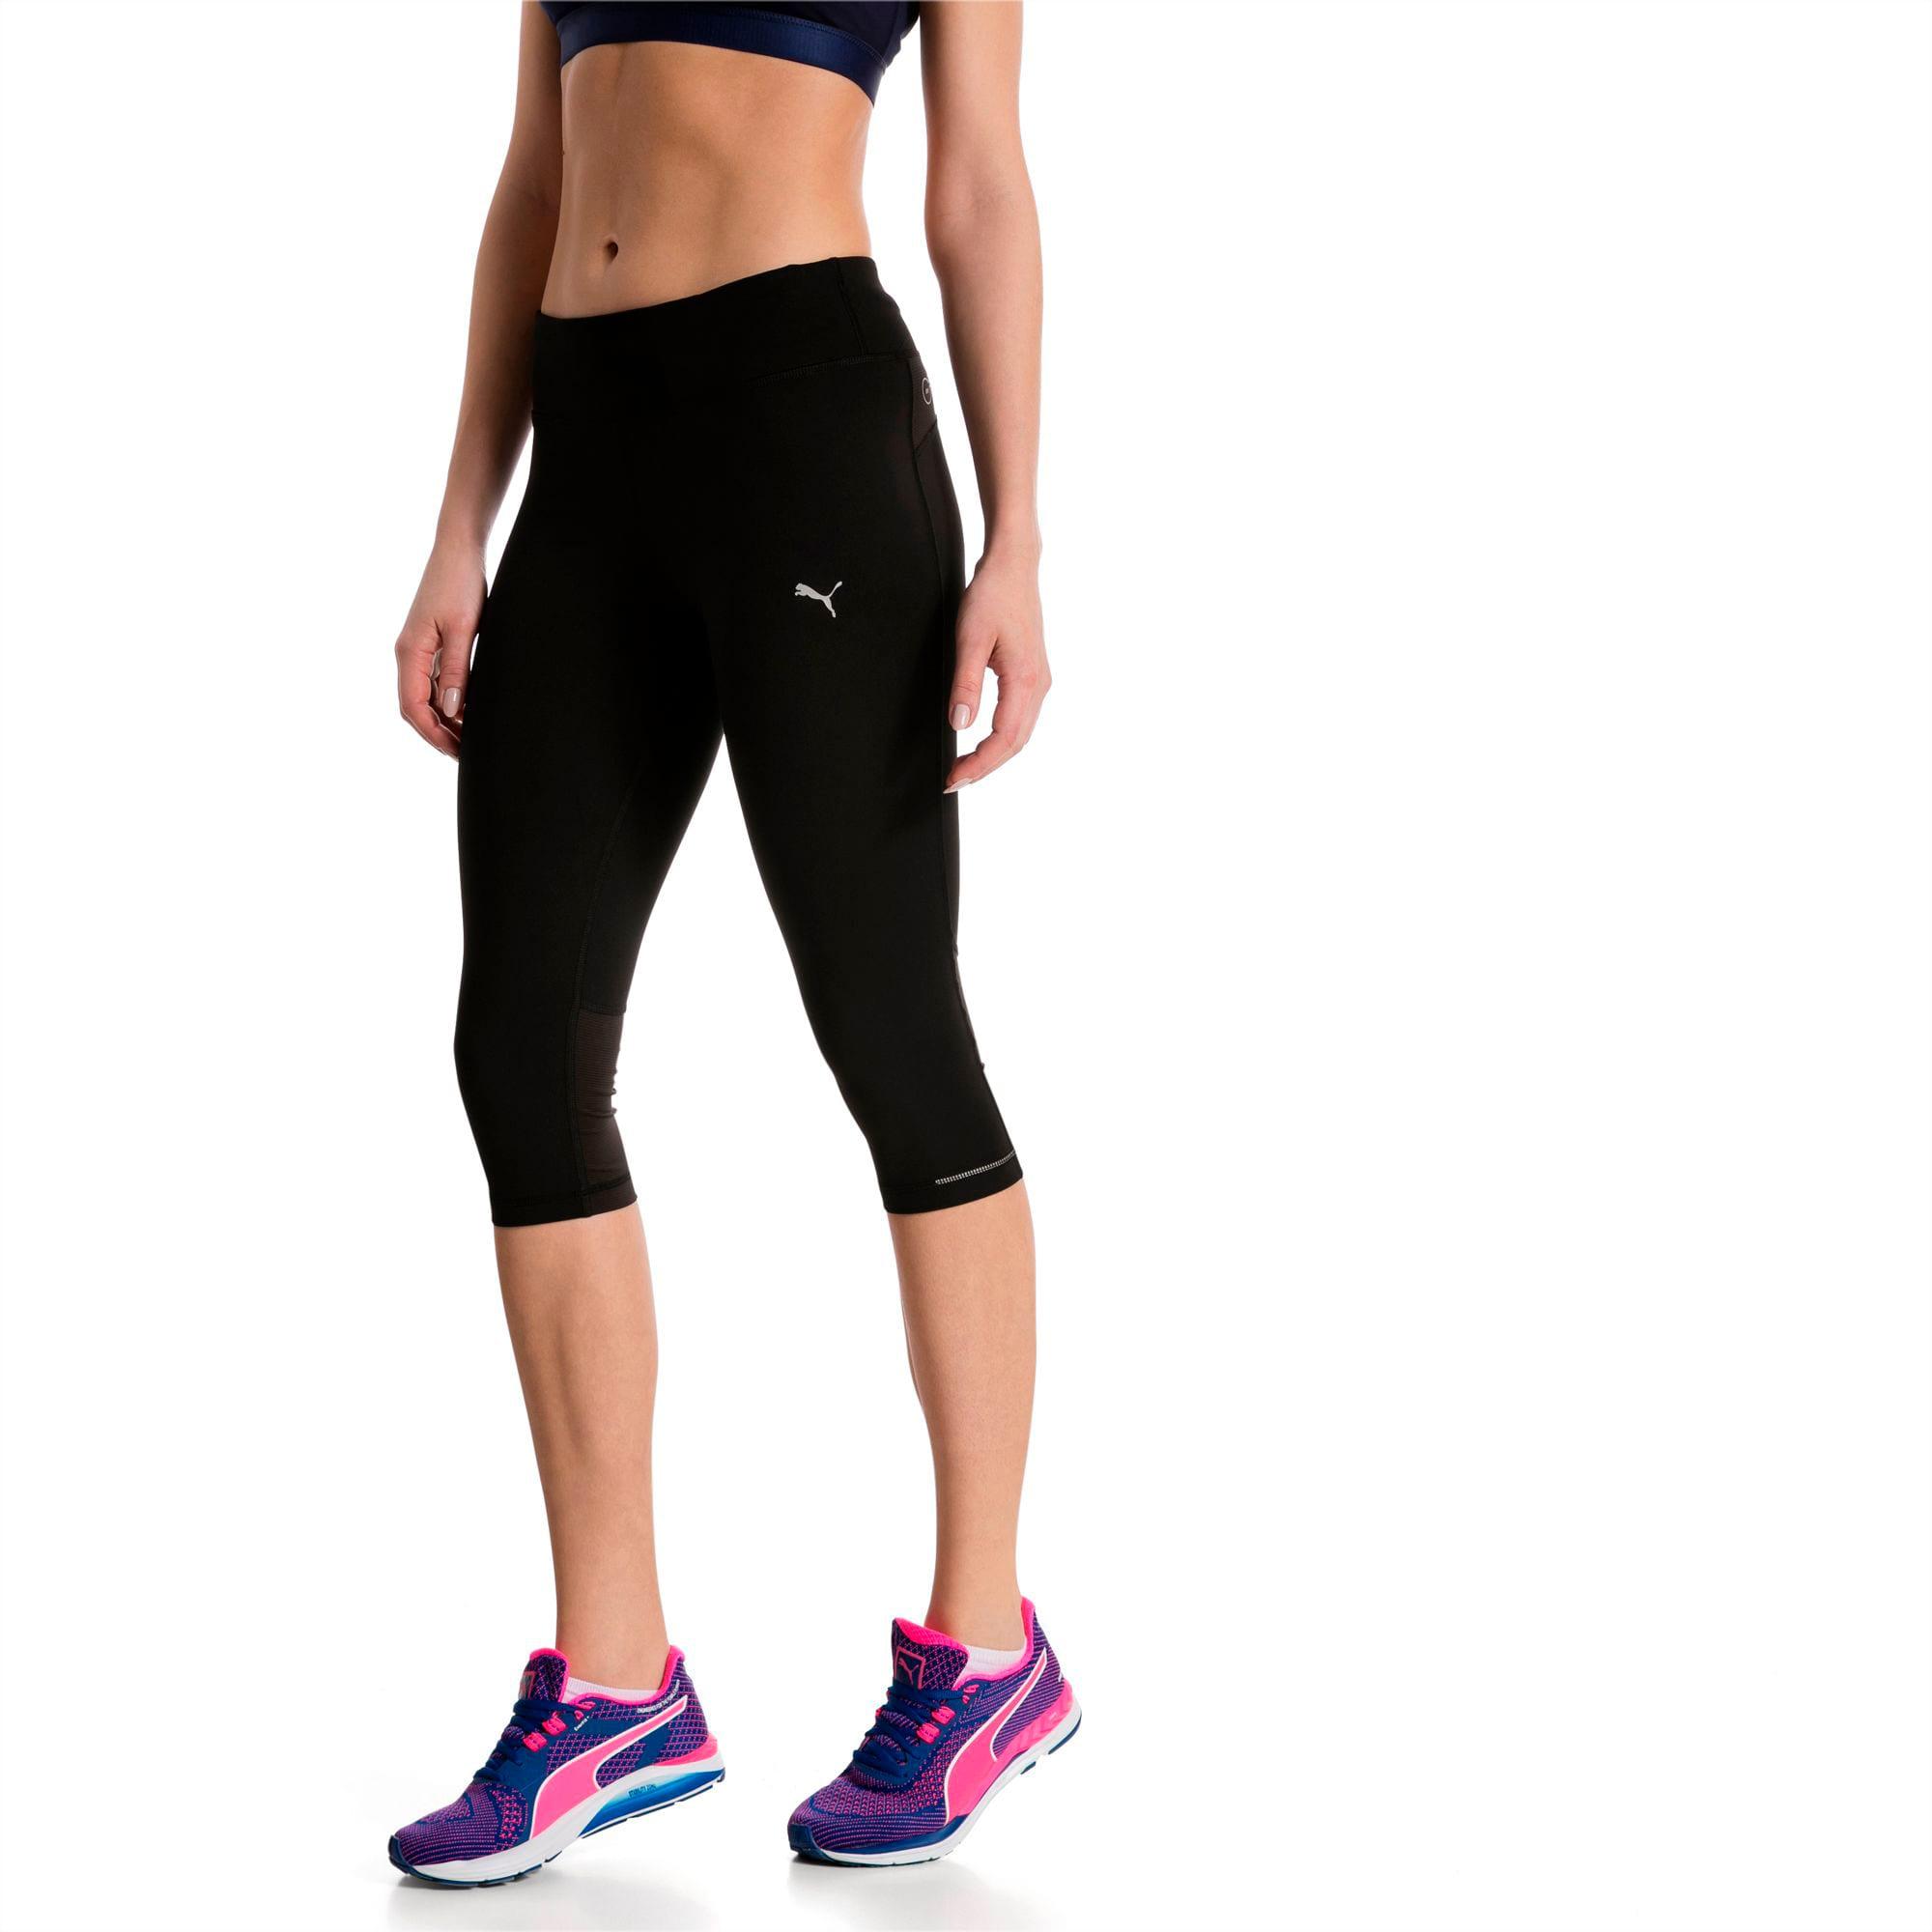 Mallas 3/4 Running para mujer